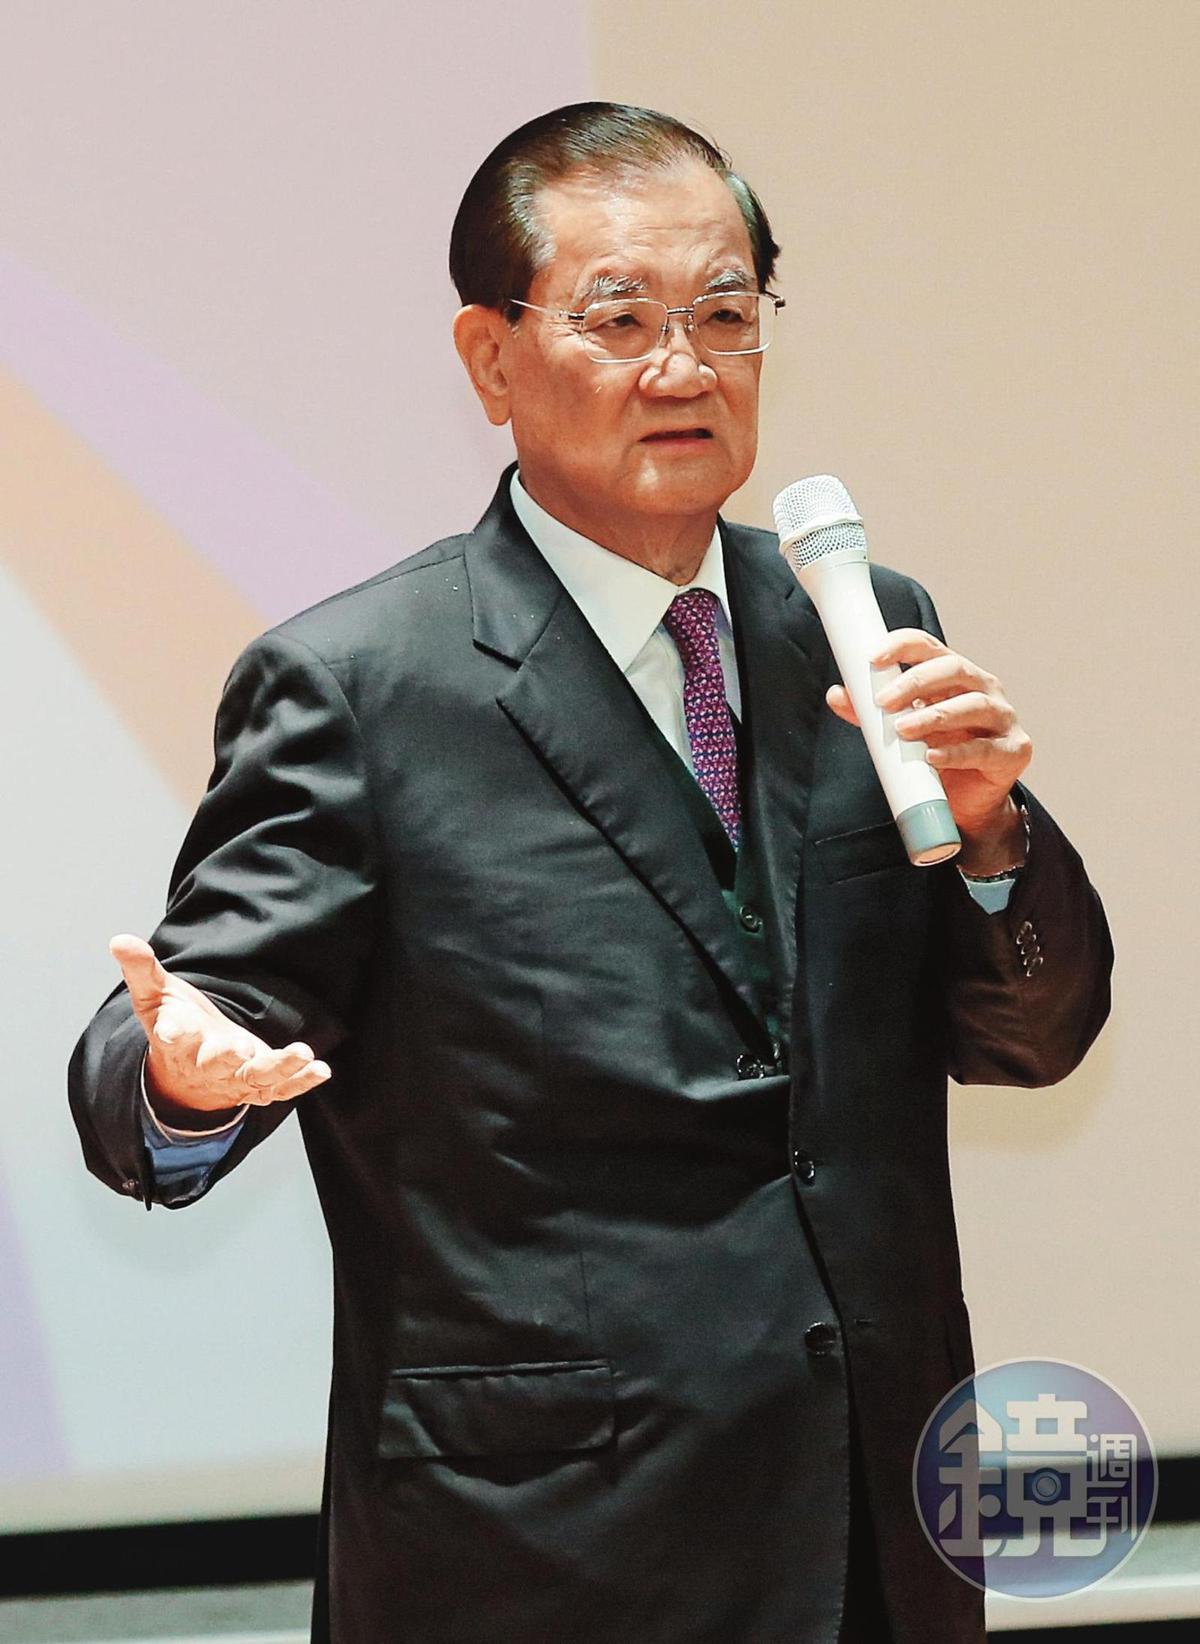 國民黨榮譽主席連戰(圖)曾由前央廣董事長朱婉清出面,否認李建軍在書中的爆料。